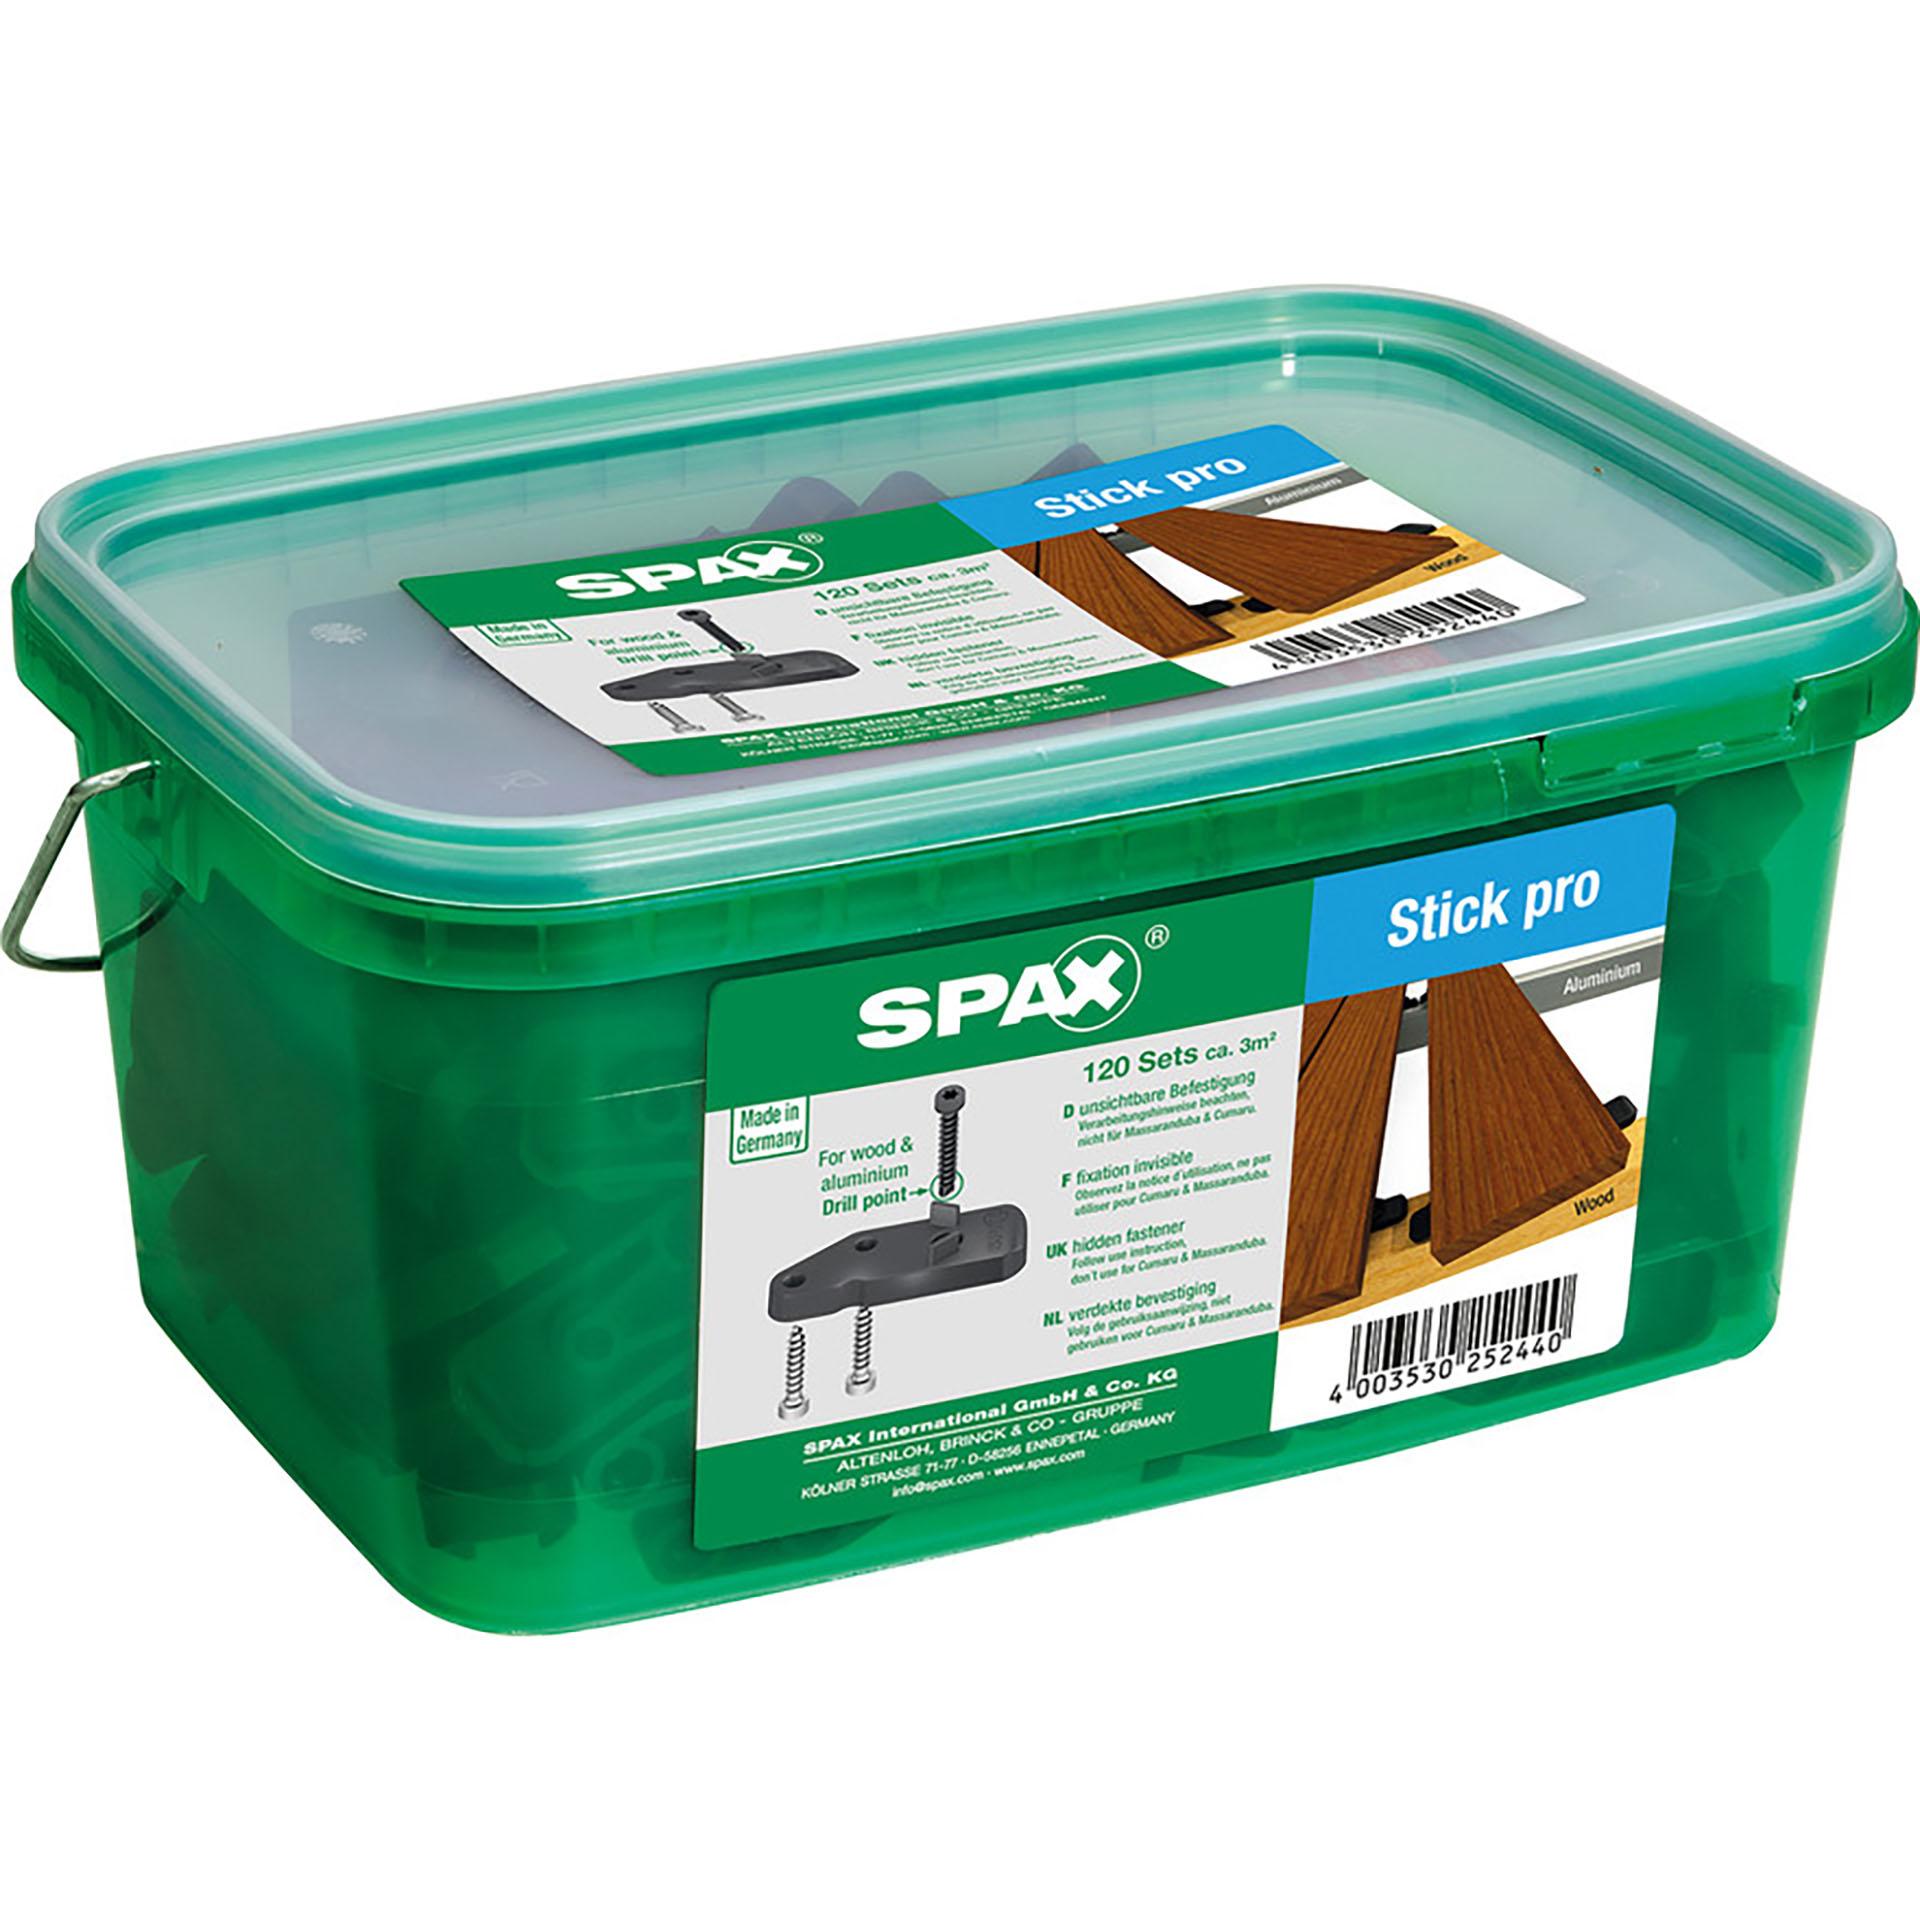 Spax Terrasse Stick Pro für 3qm